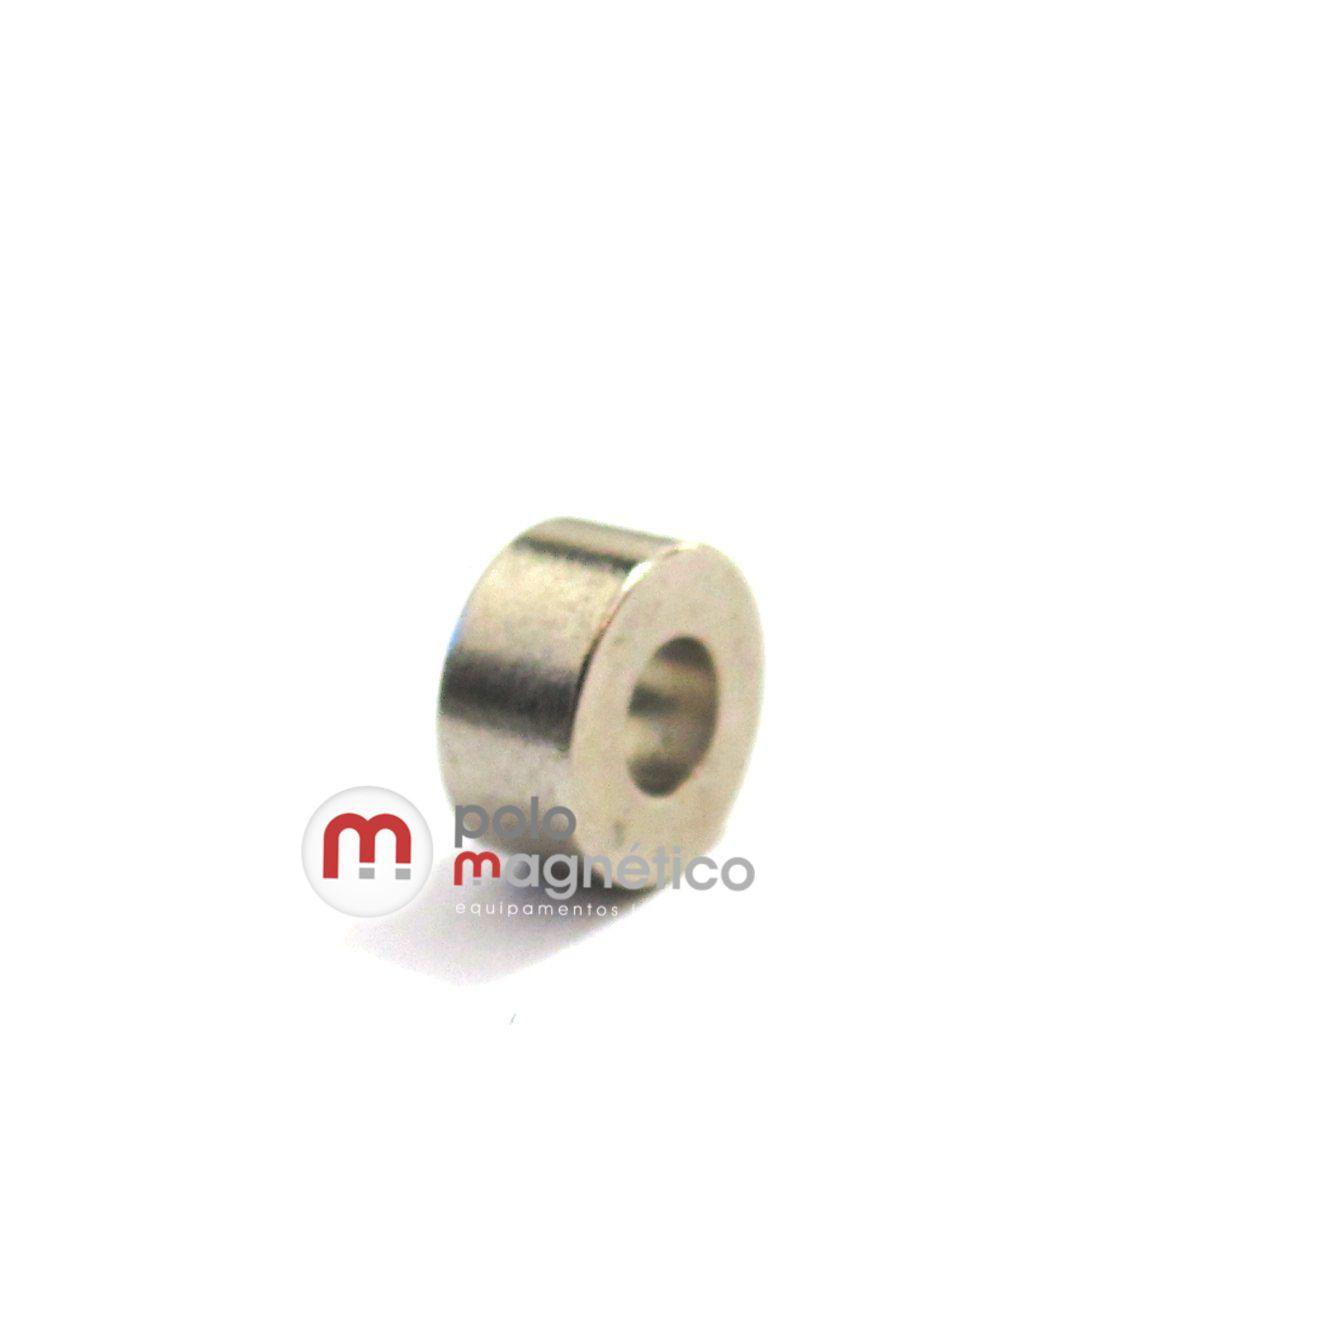 Ímã de Neodímio Anel N35 6x2,6x3 mm  - Polo Magnético